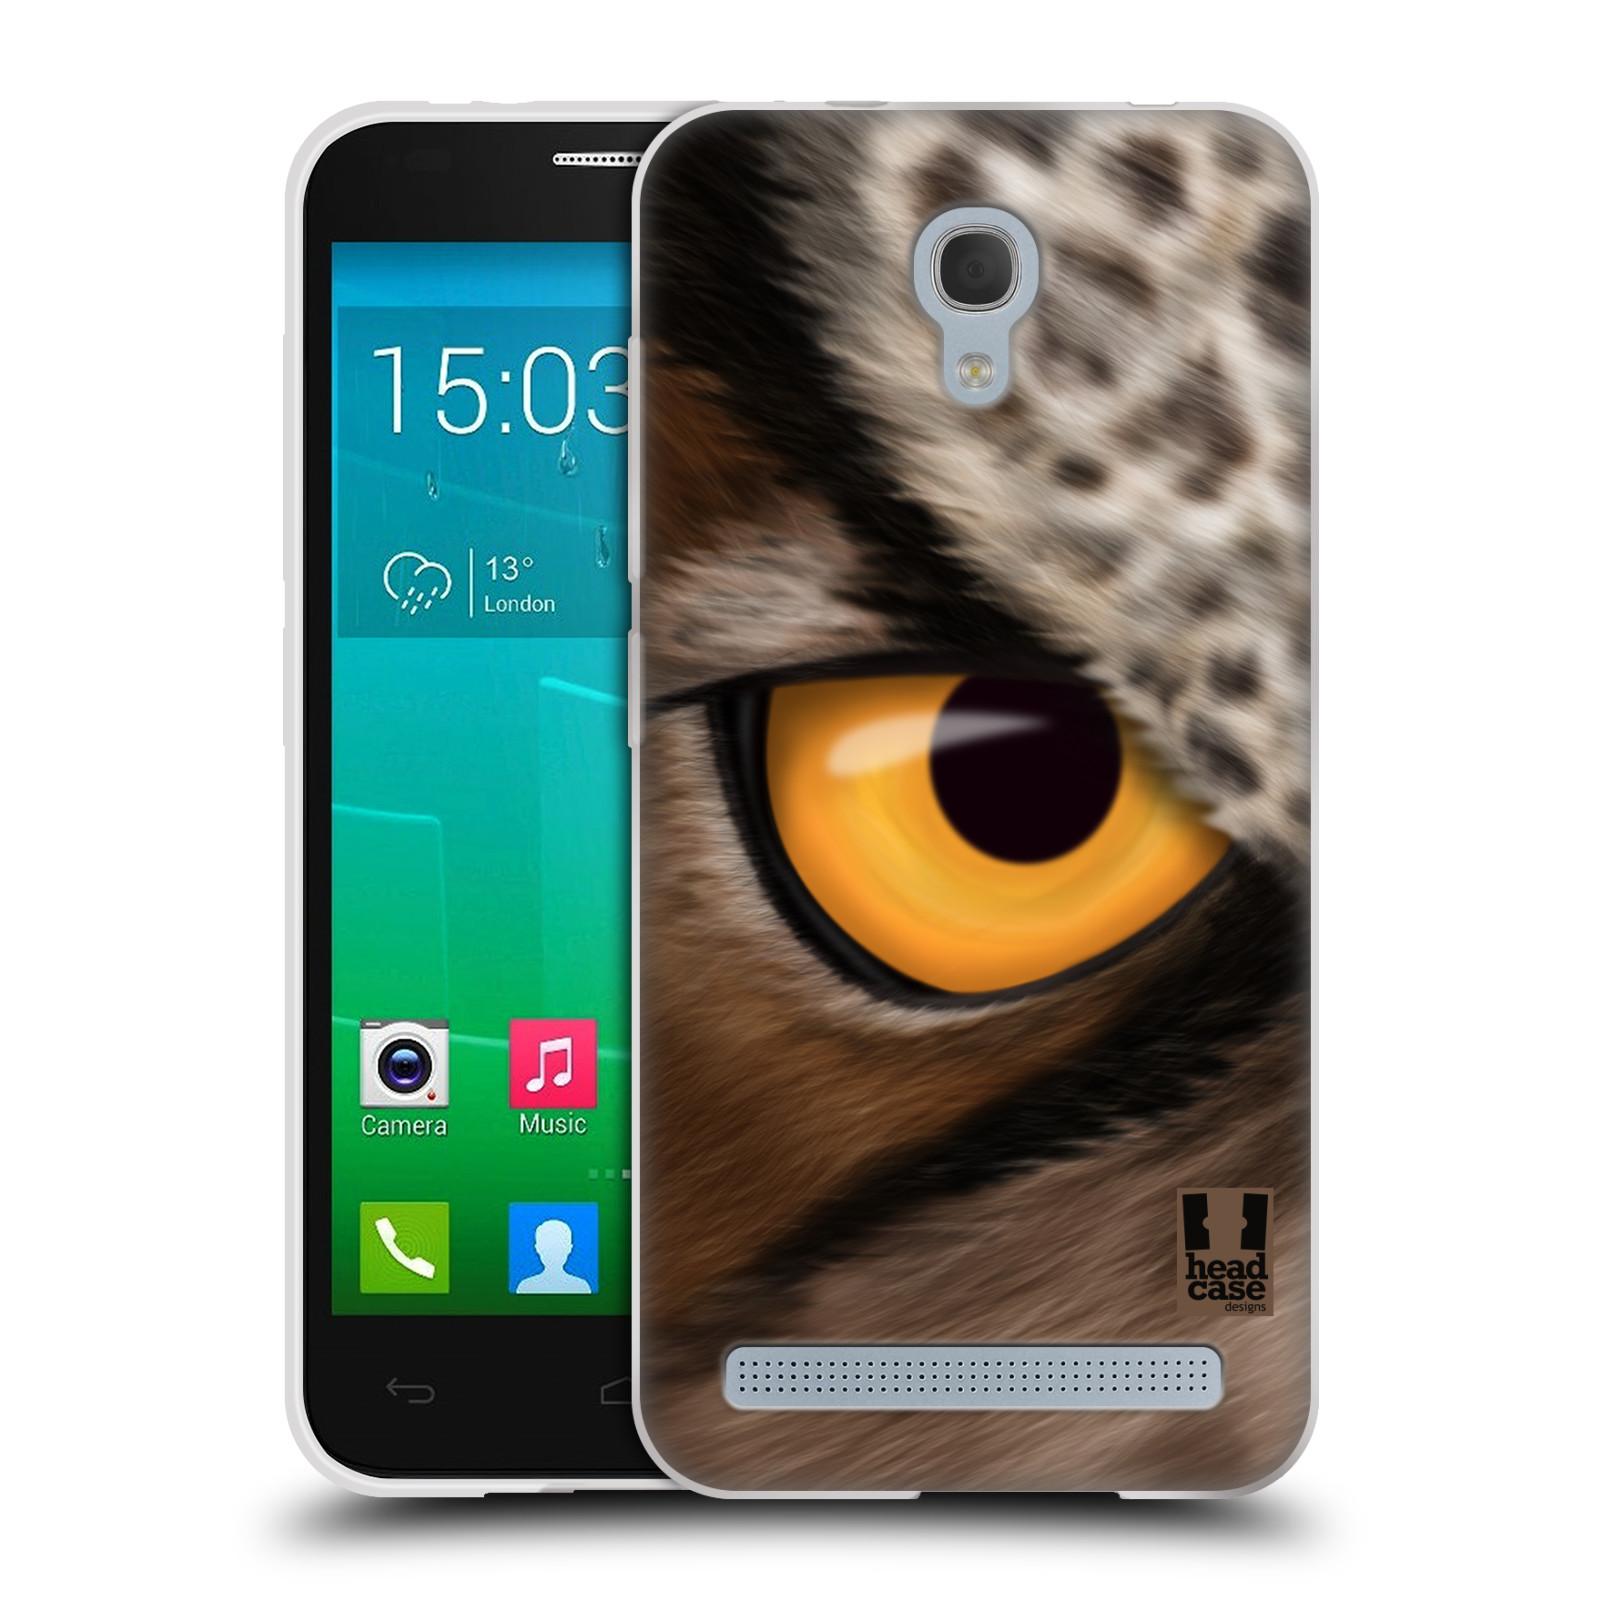 HEAD CASE silikonový obal na mobil Alcatel Idol 2 MINI S 6036Y vzor pohled zvířete oko sova